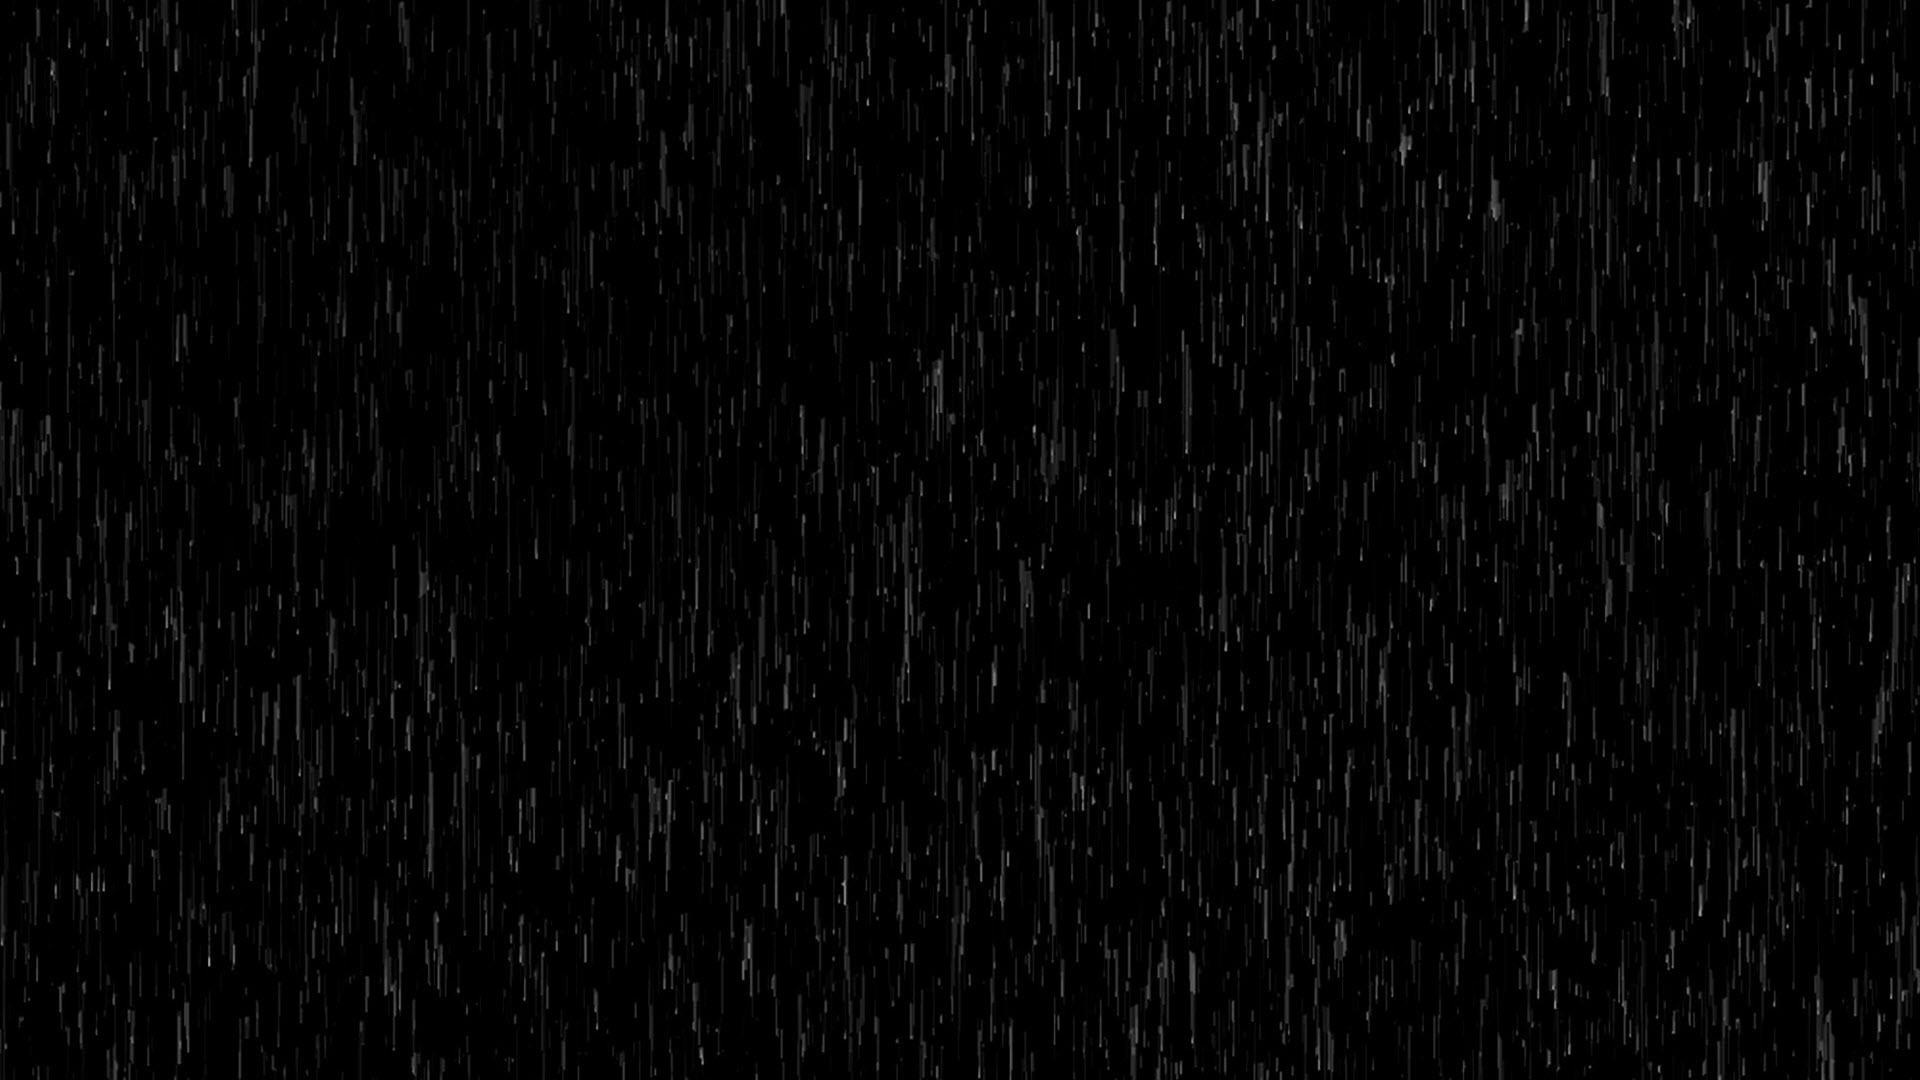 Hình nền đen trắng cho máy tính những vệt xước trên nền đen